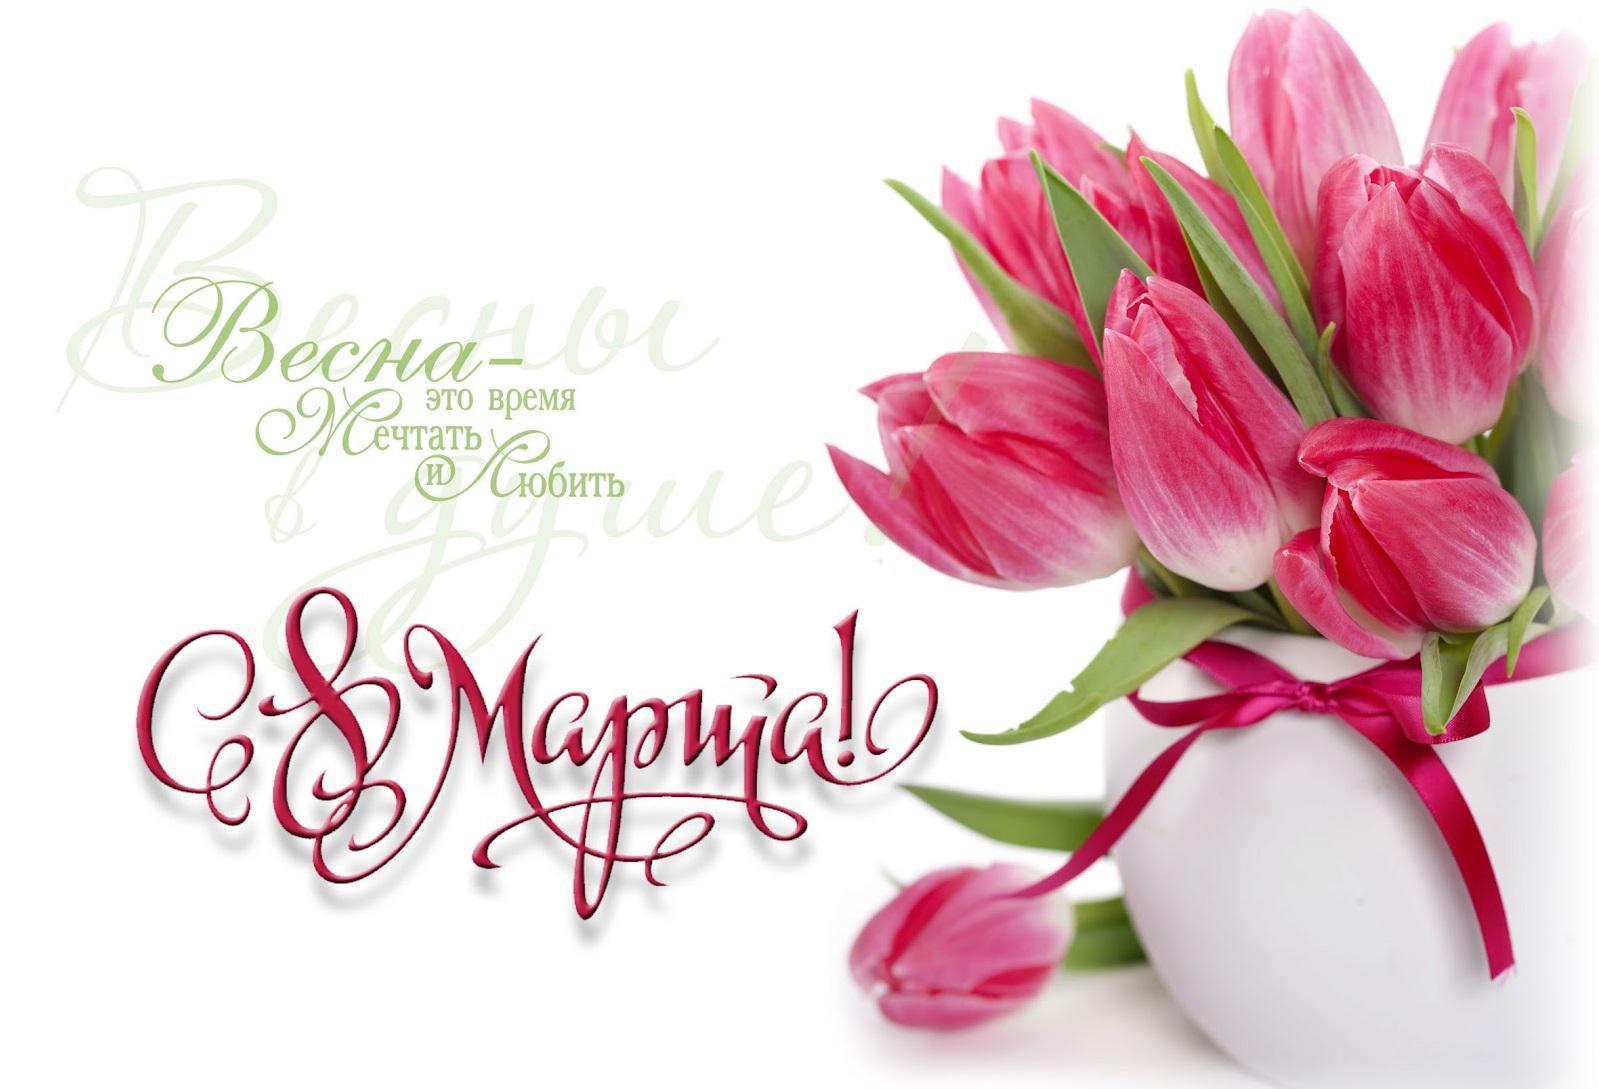 Смс поздравления с 8 марта оригинальные короткие